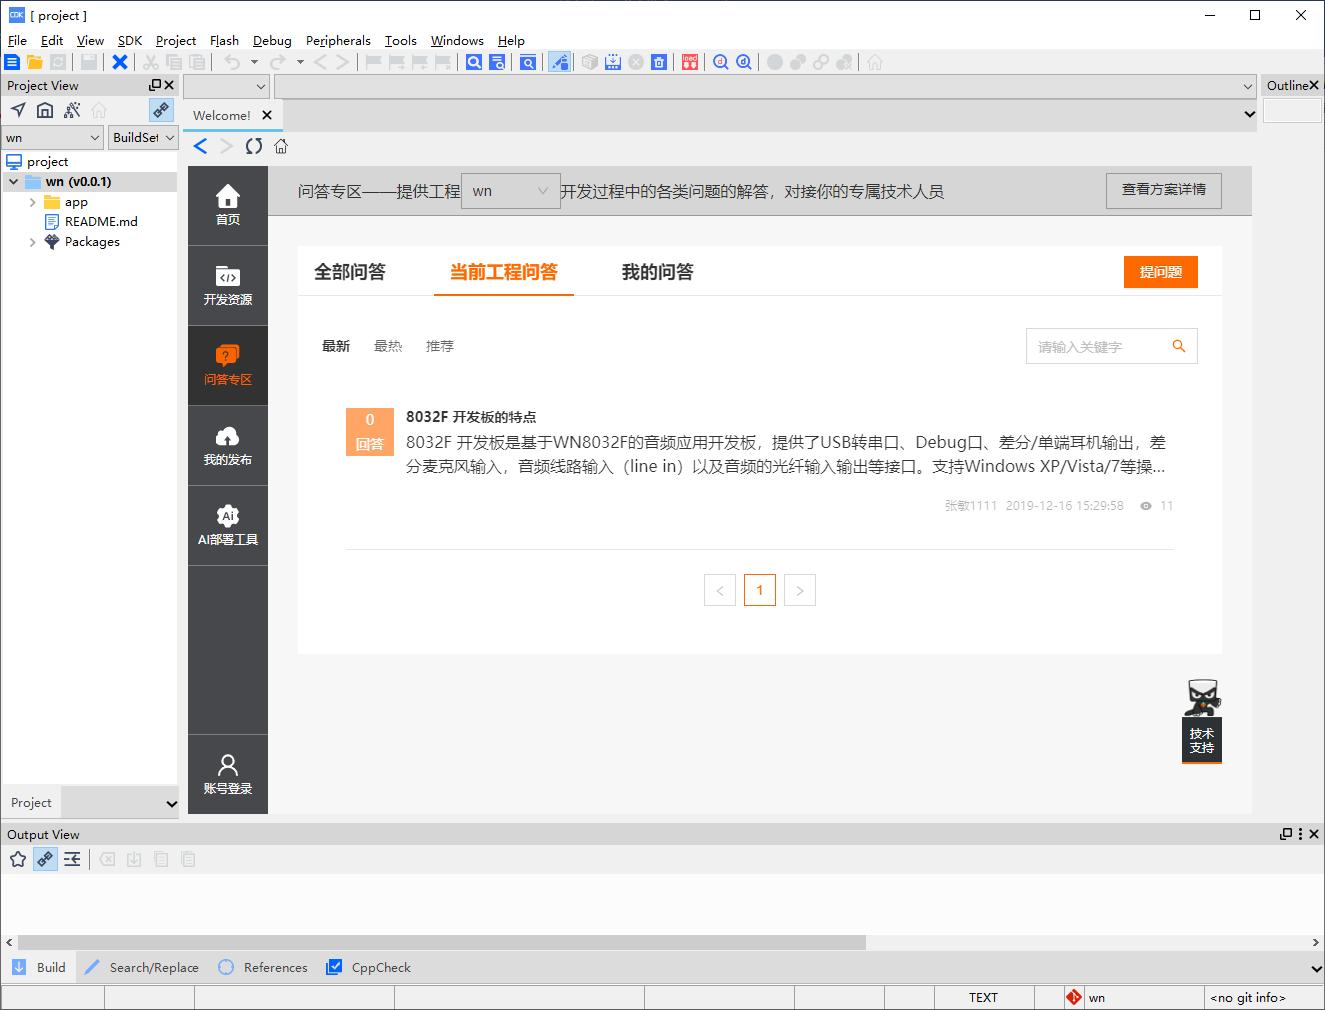 https://occ-oss-prod.oss-cn-hangzhou.aliyuncs.com/userFiles/3769057297817612288/postdetail/8.png